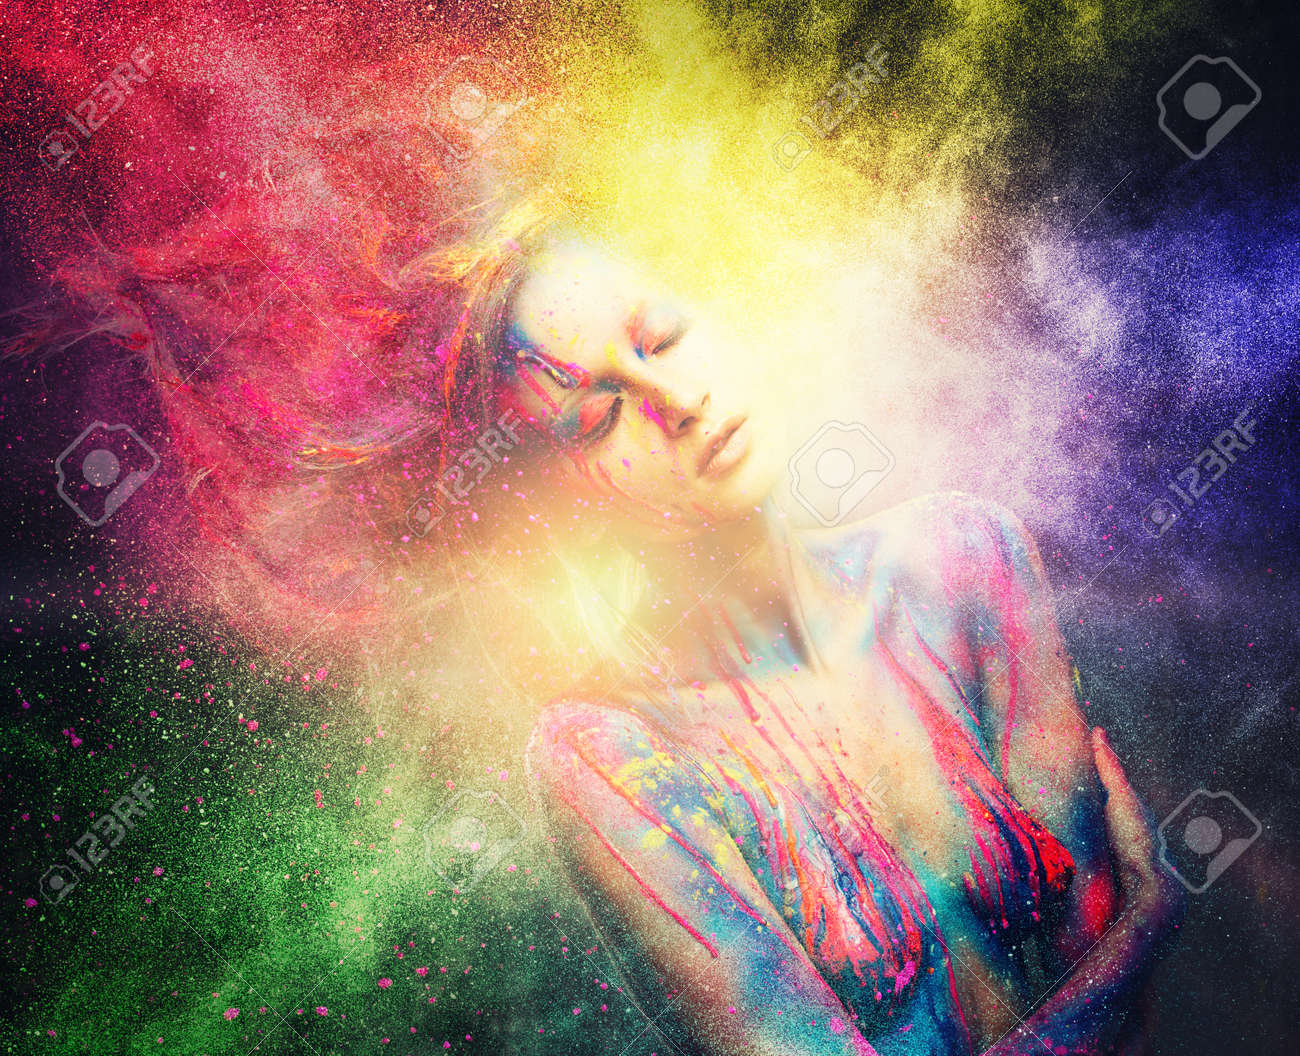 Mujer Musa Con El Arte Corporal Creativo Y Peinado En El Colorido